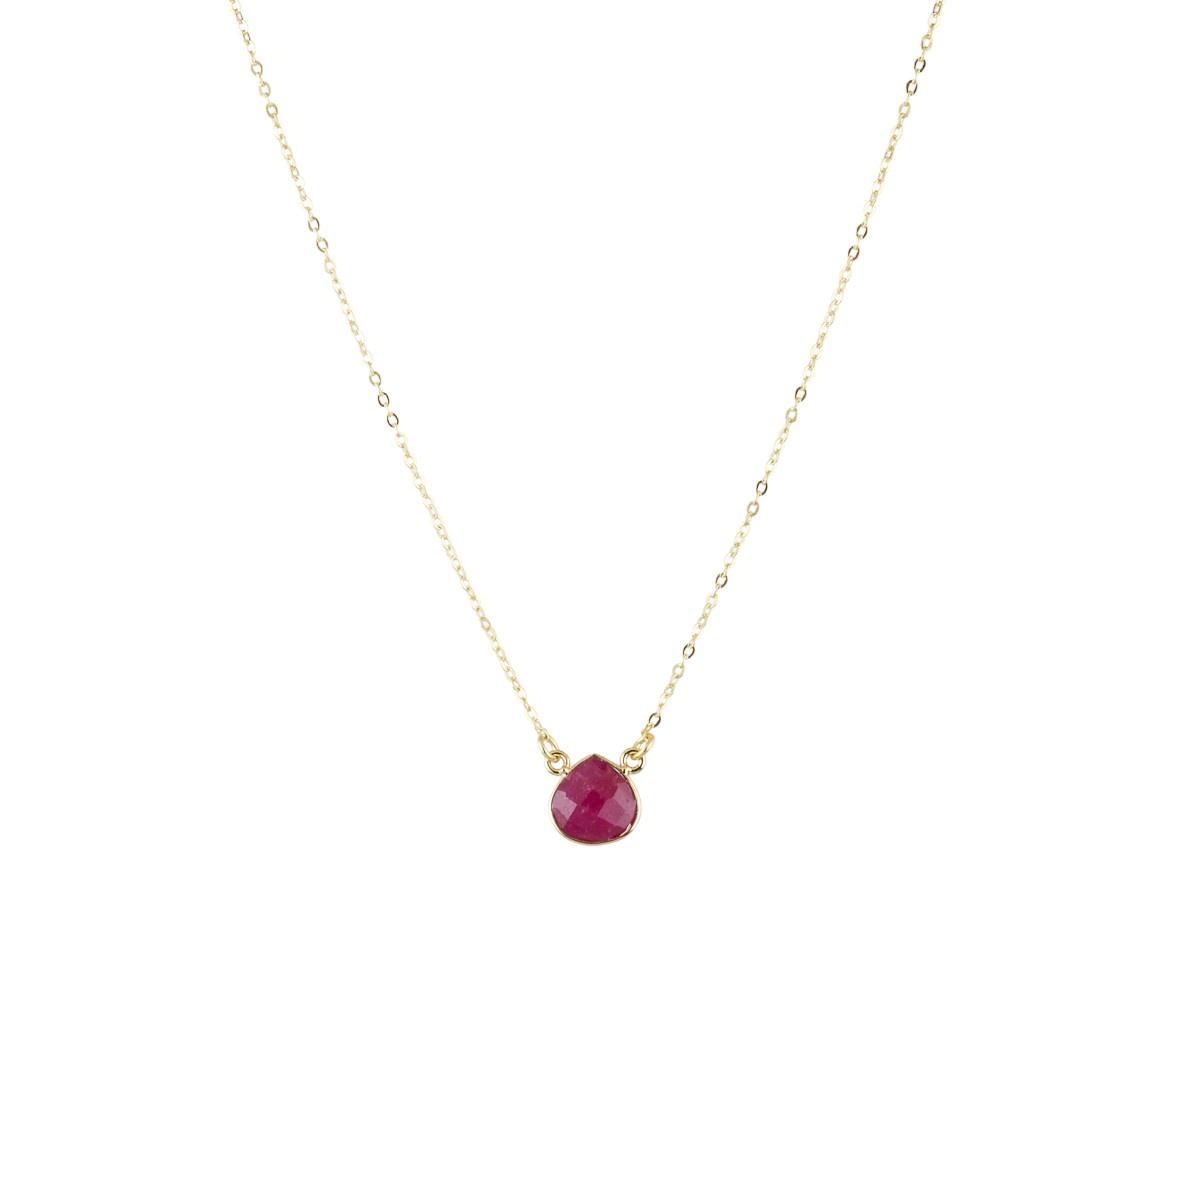 Teardrop pendant in Berry agate by Ashiana